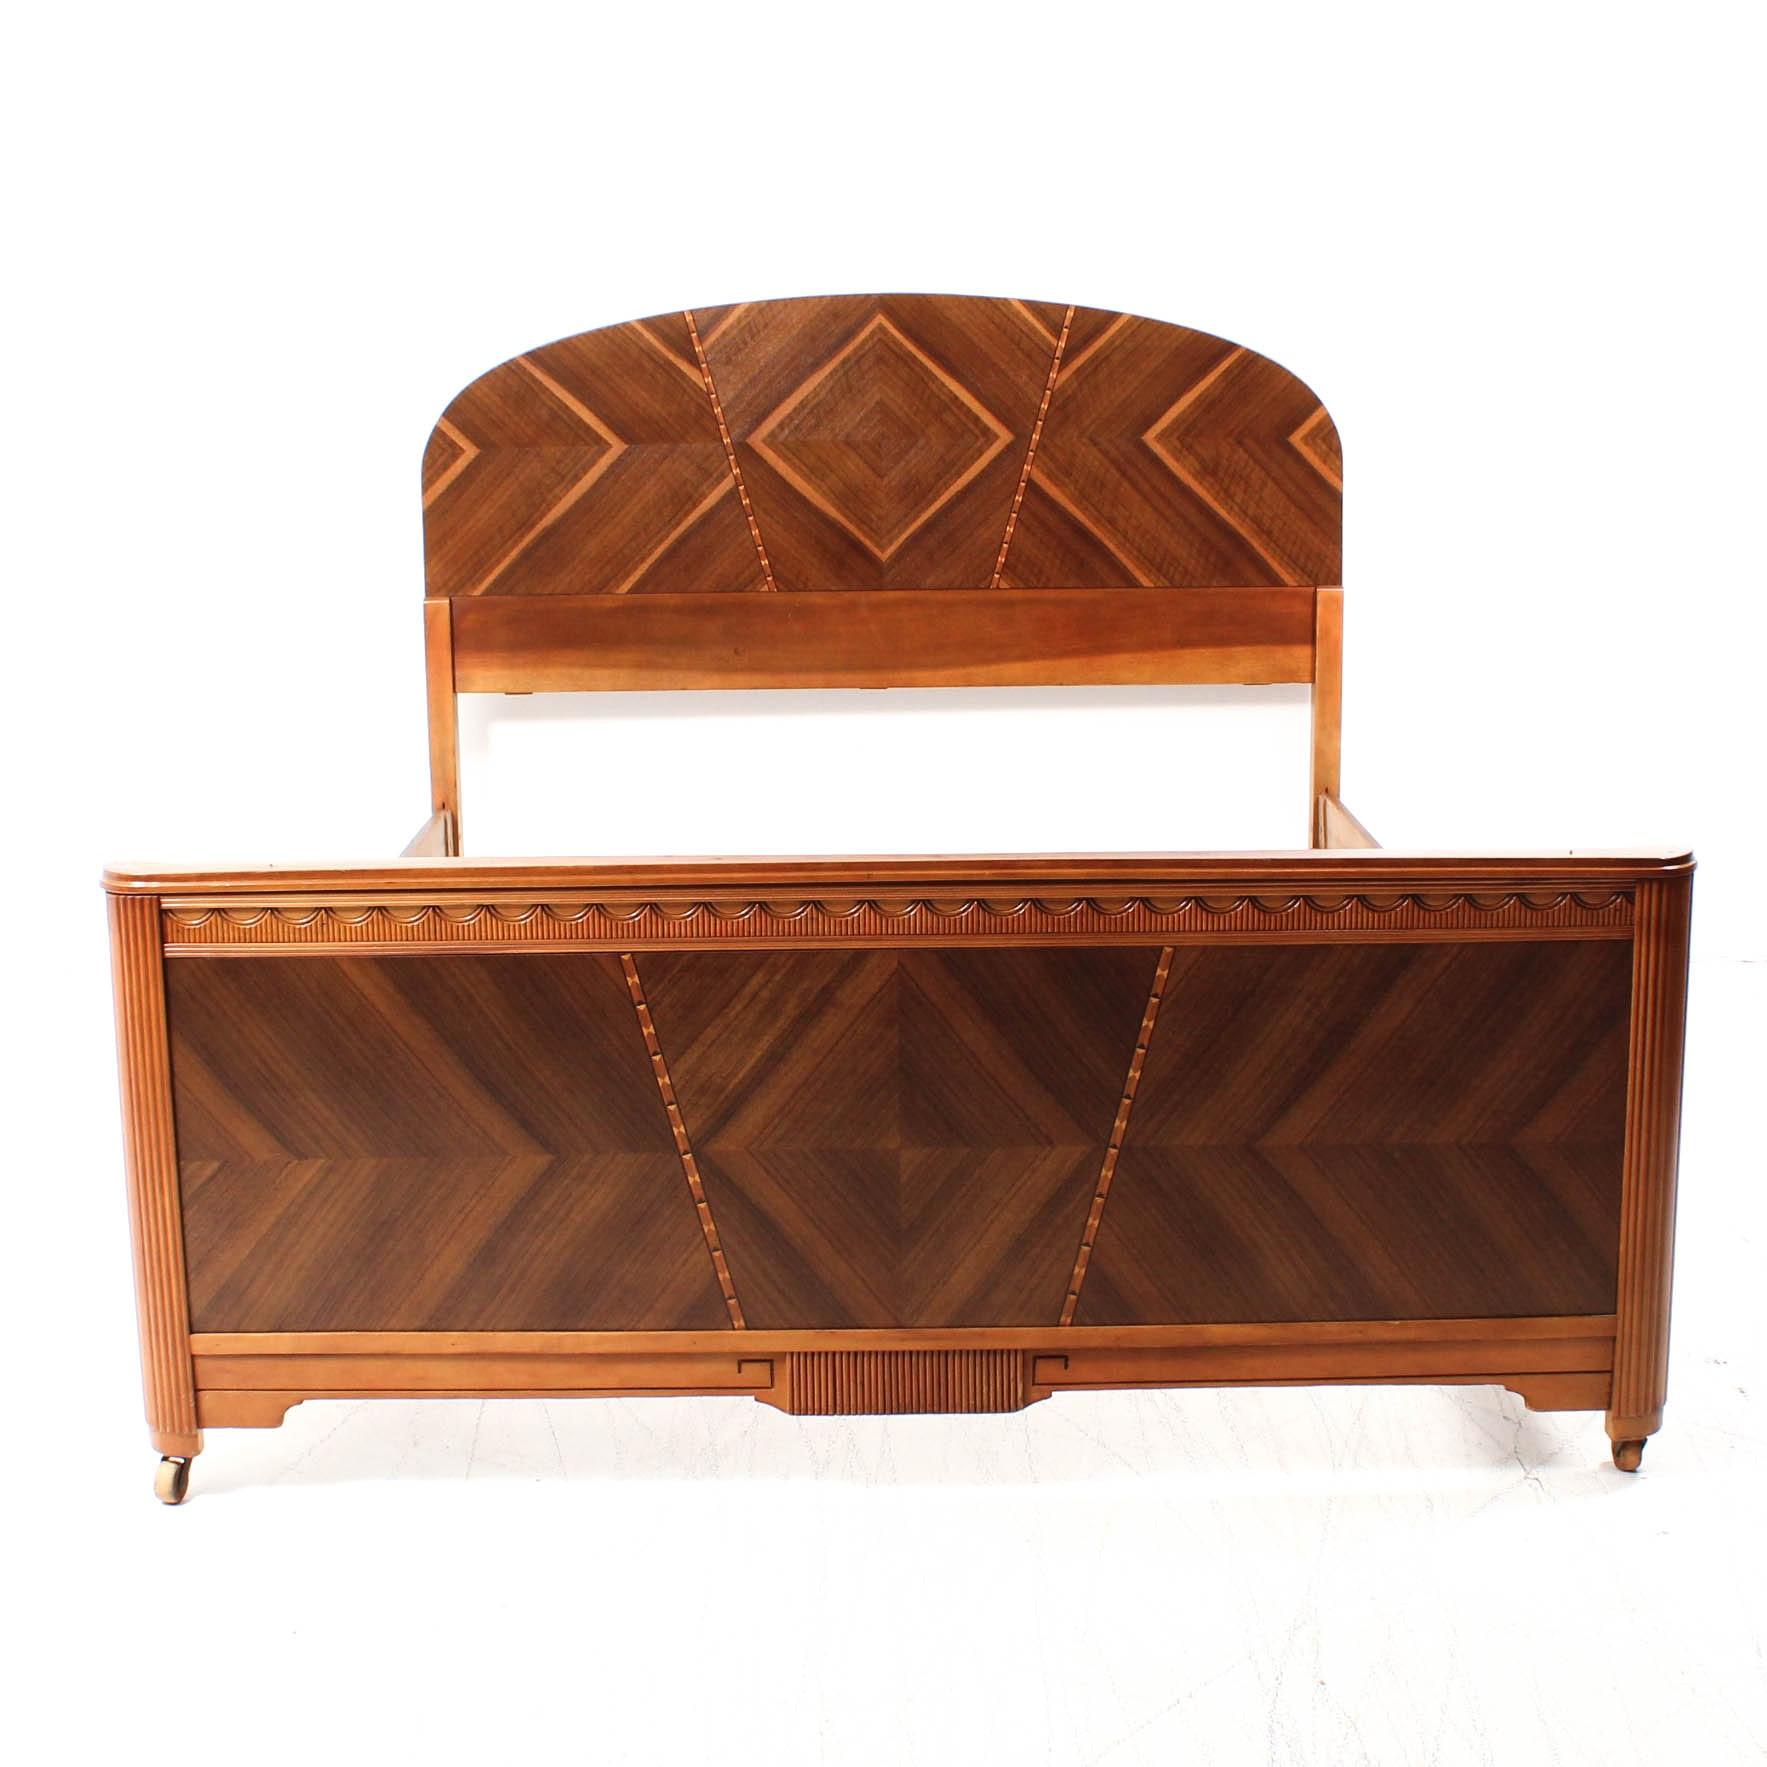 Art Deco Full Size Bed Frame